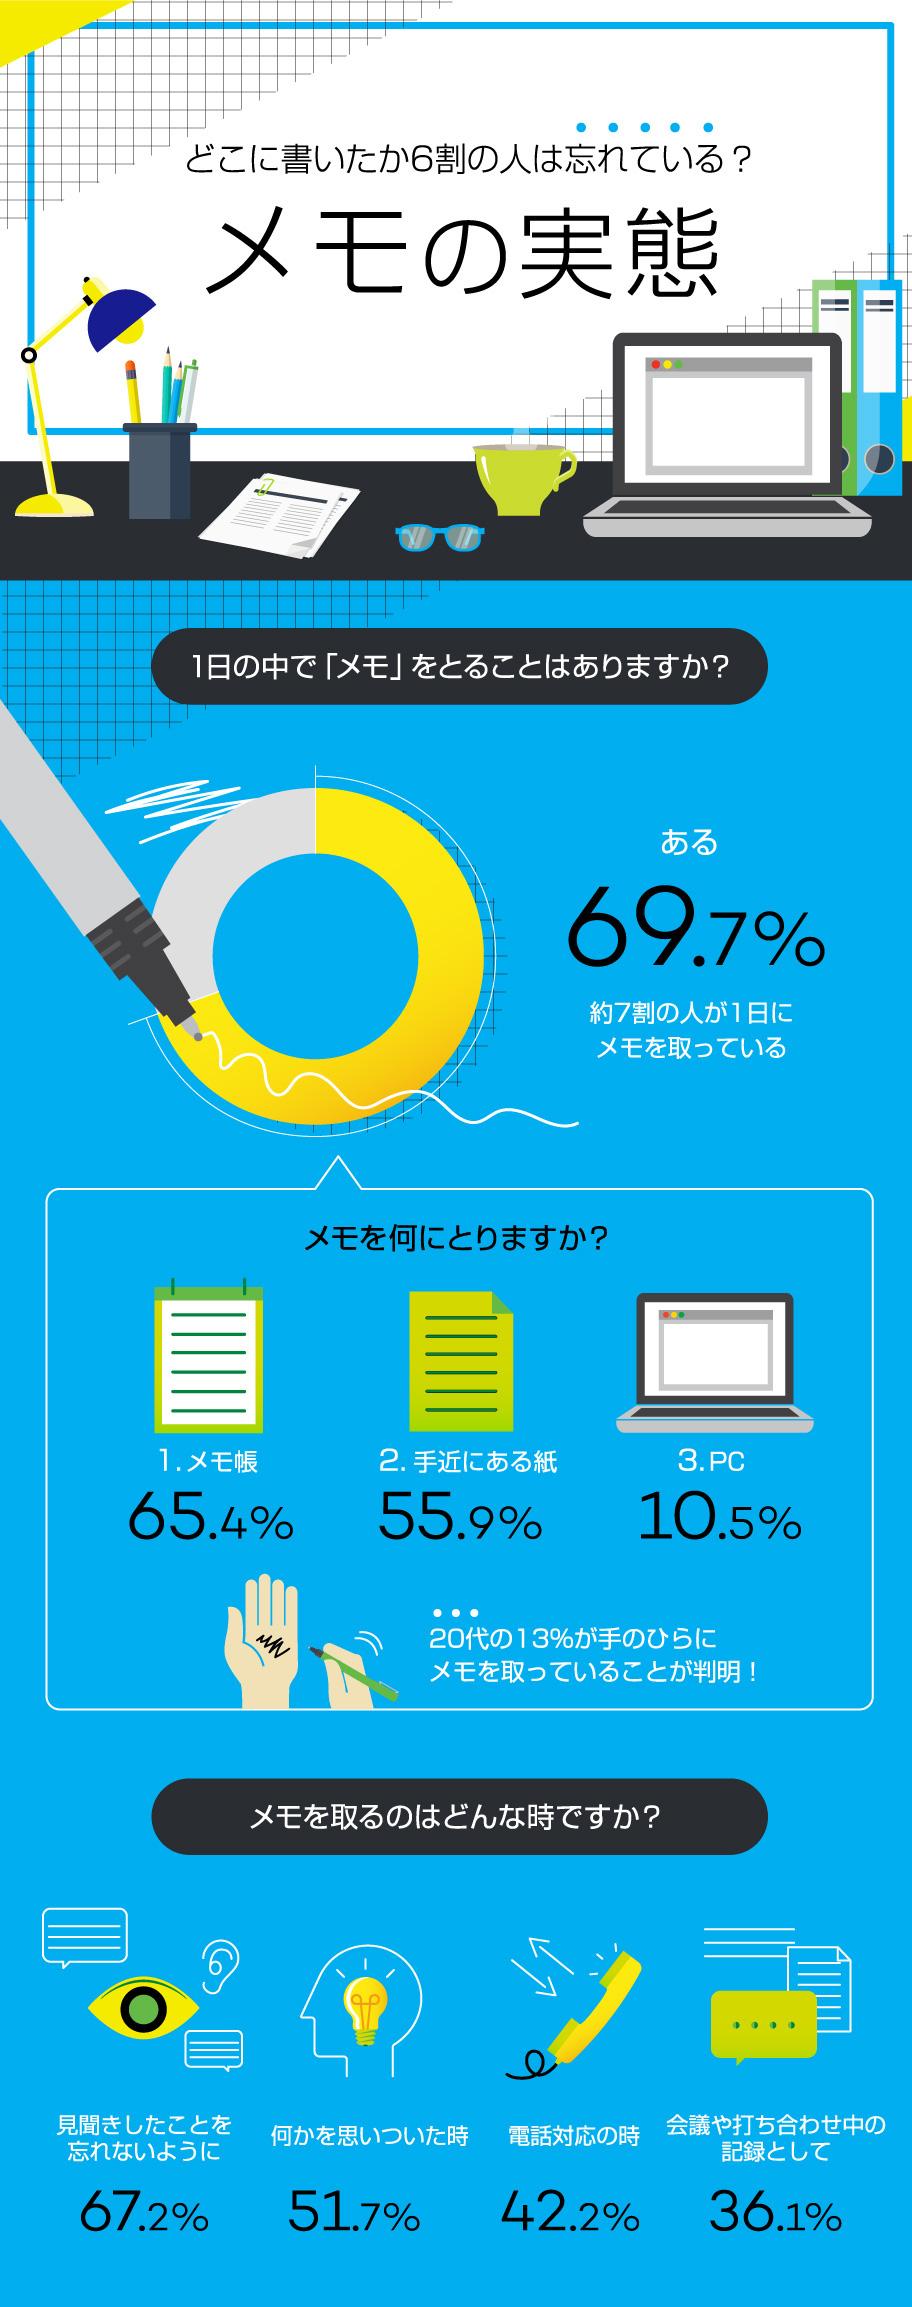 インフォグラフィック:上手なメモの取り方9箇条。上級者は思考や集中力がアップする